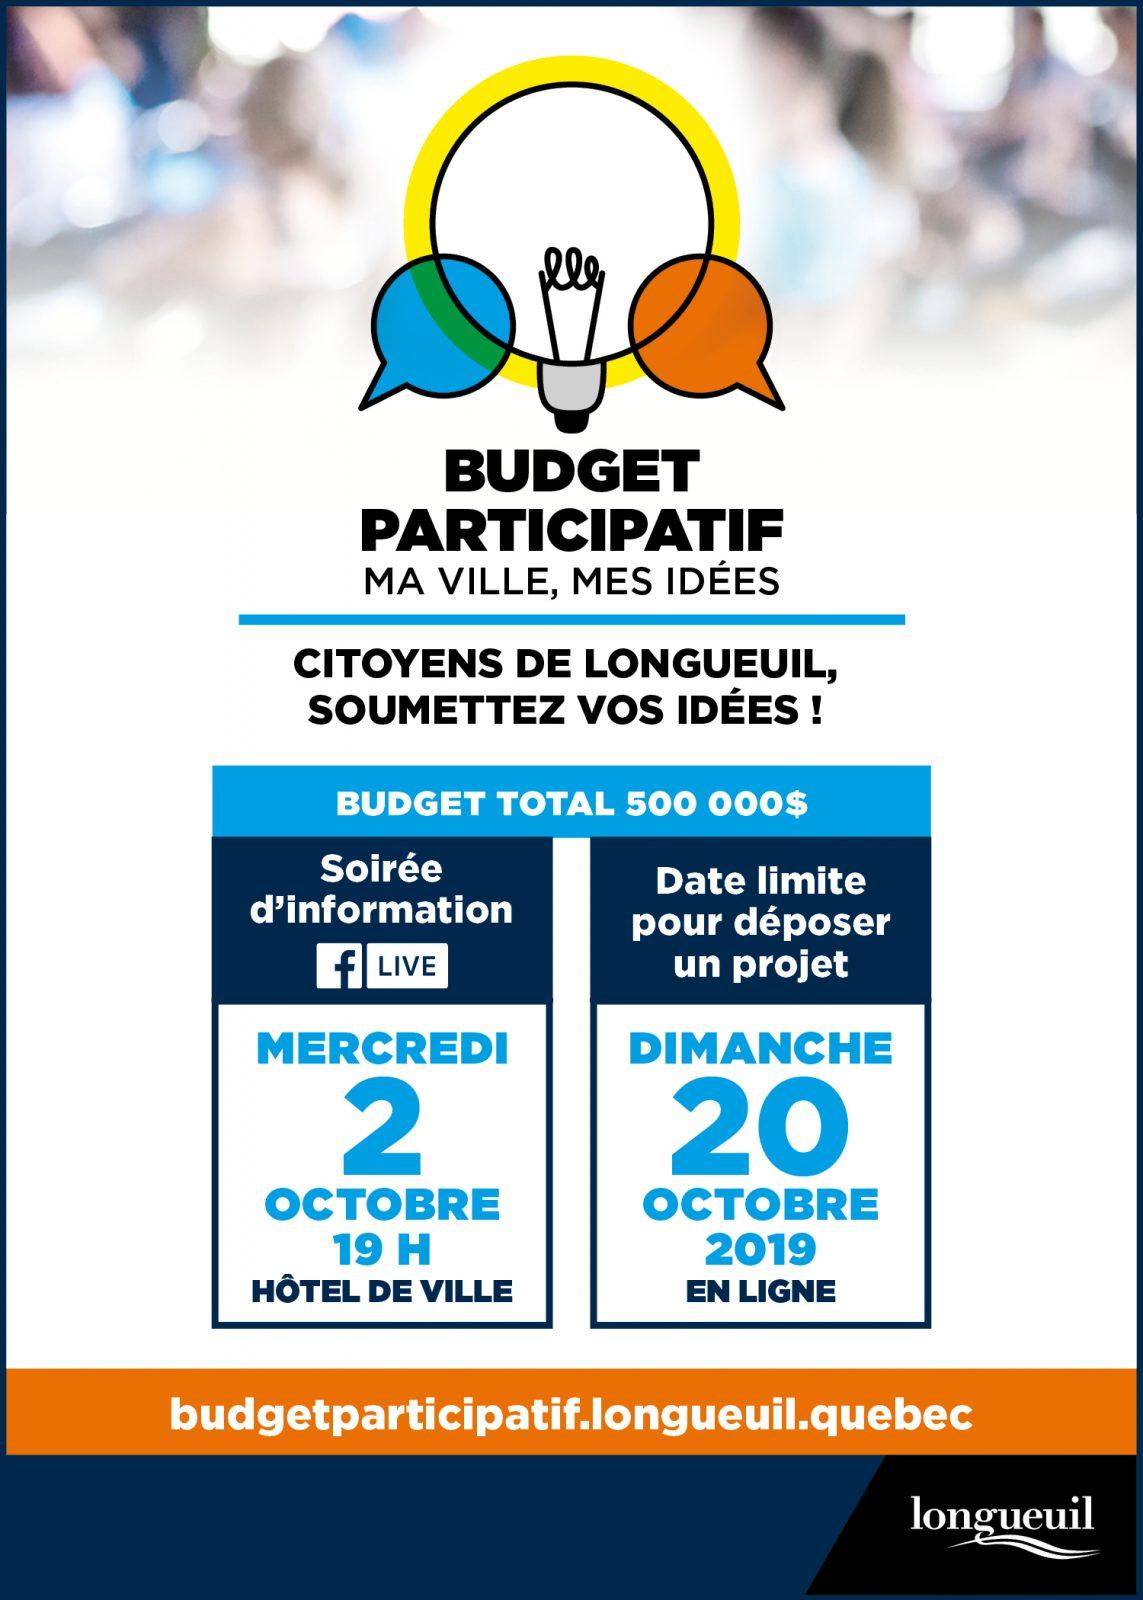 Premier budget participatif de Longueuil: les citoyens invités à contribuer au développement de leur ville